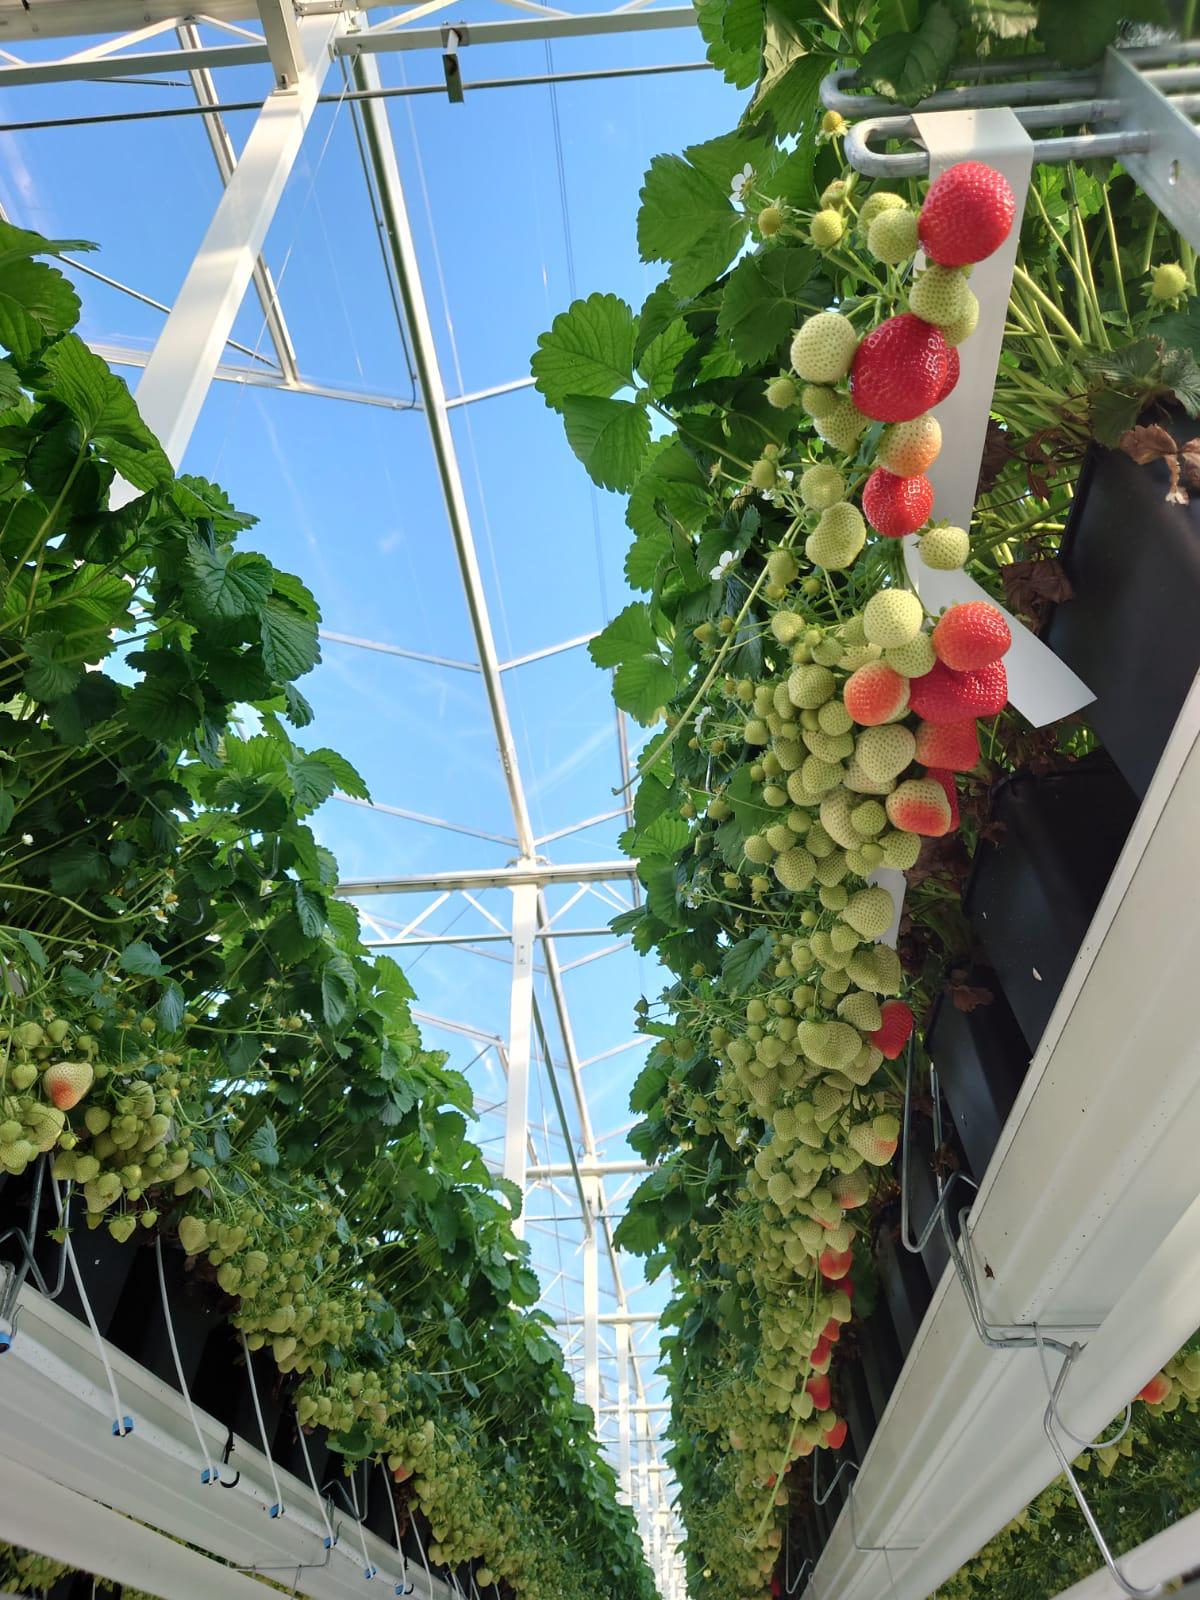 Aardbeien in de kas van VOF de Goeije Kroon